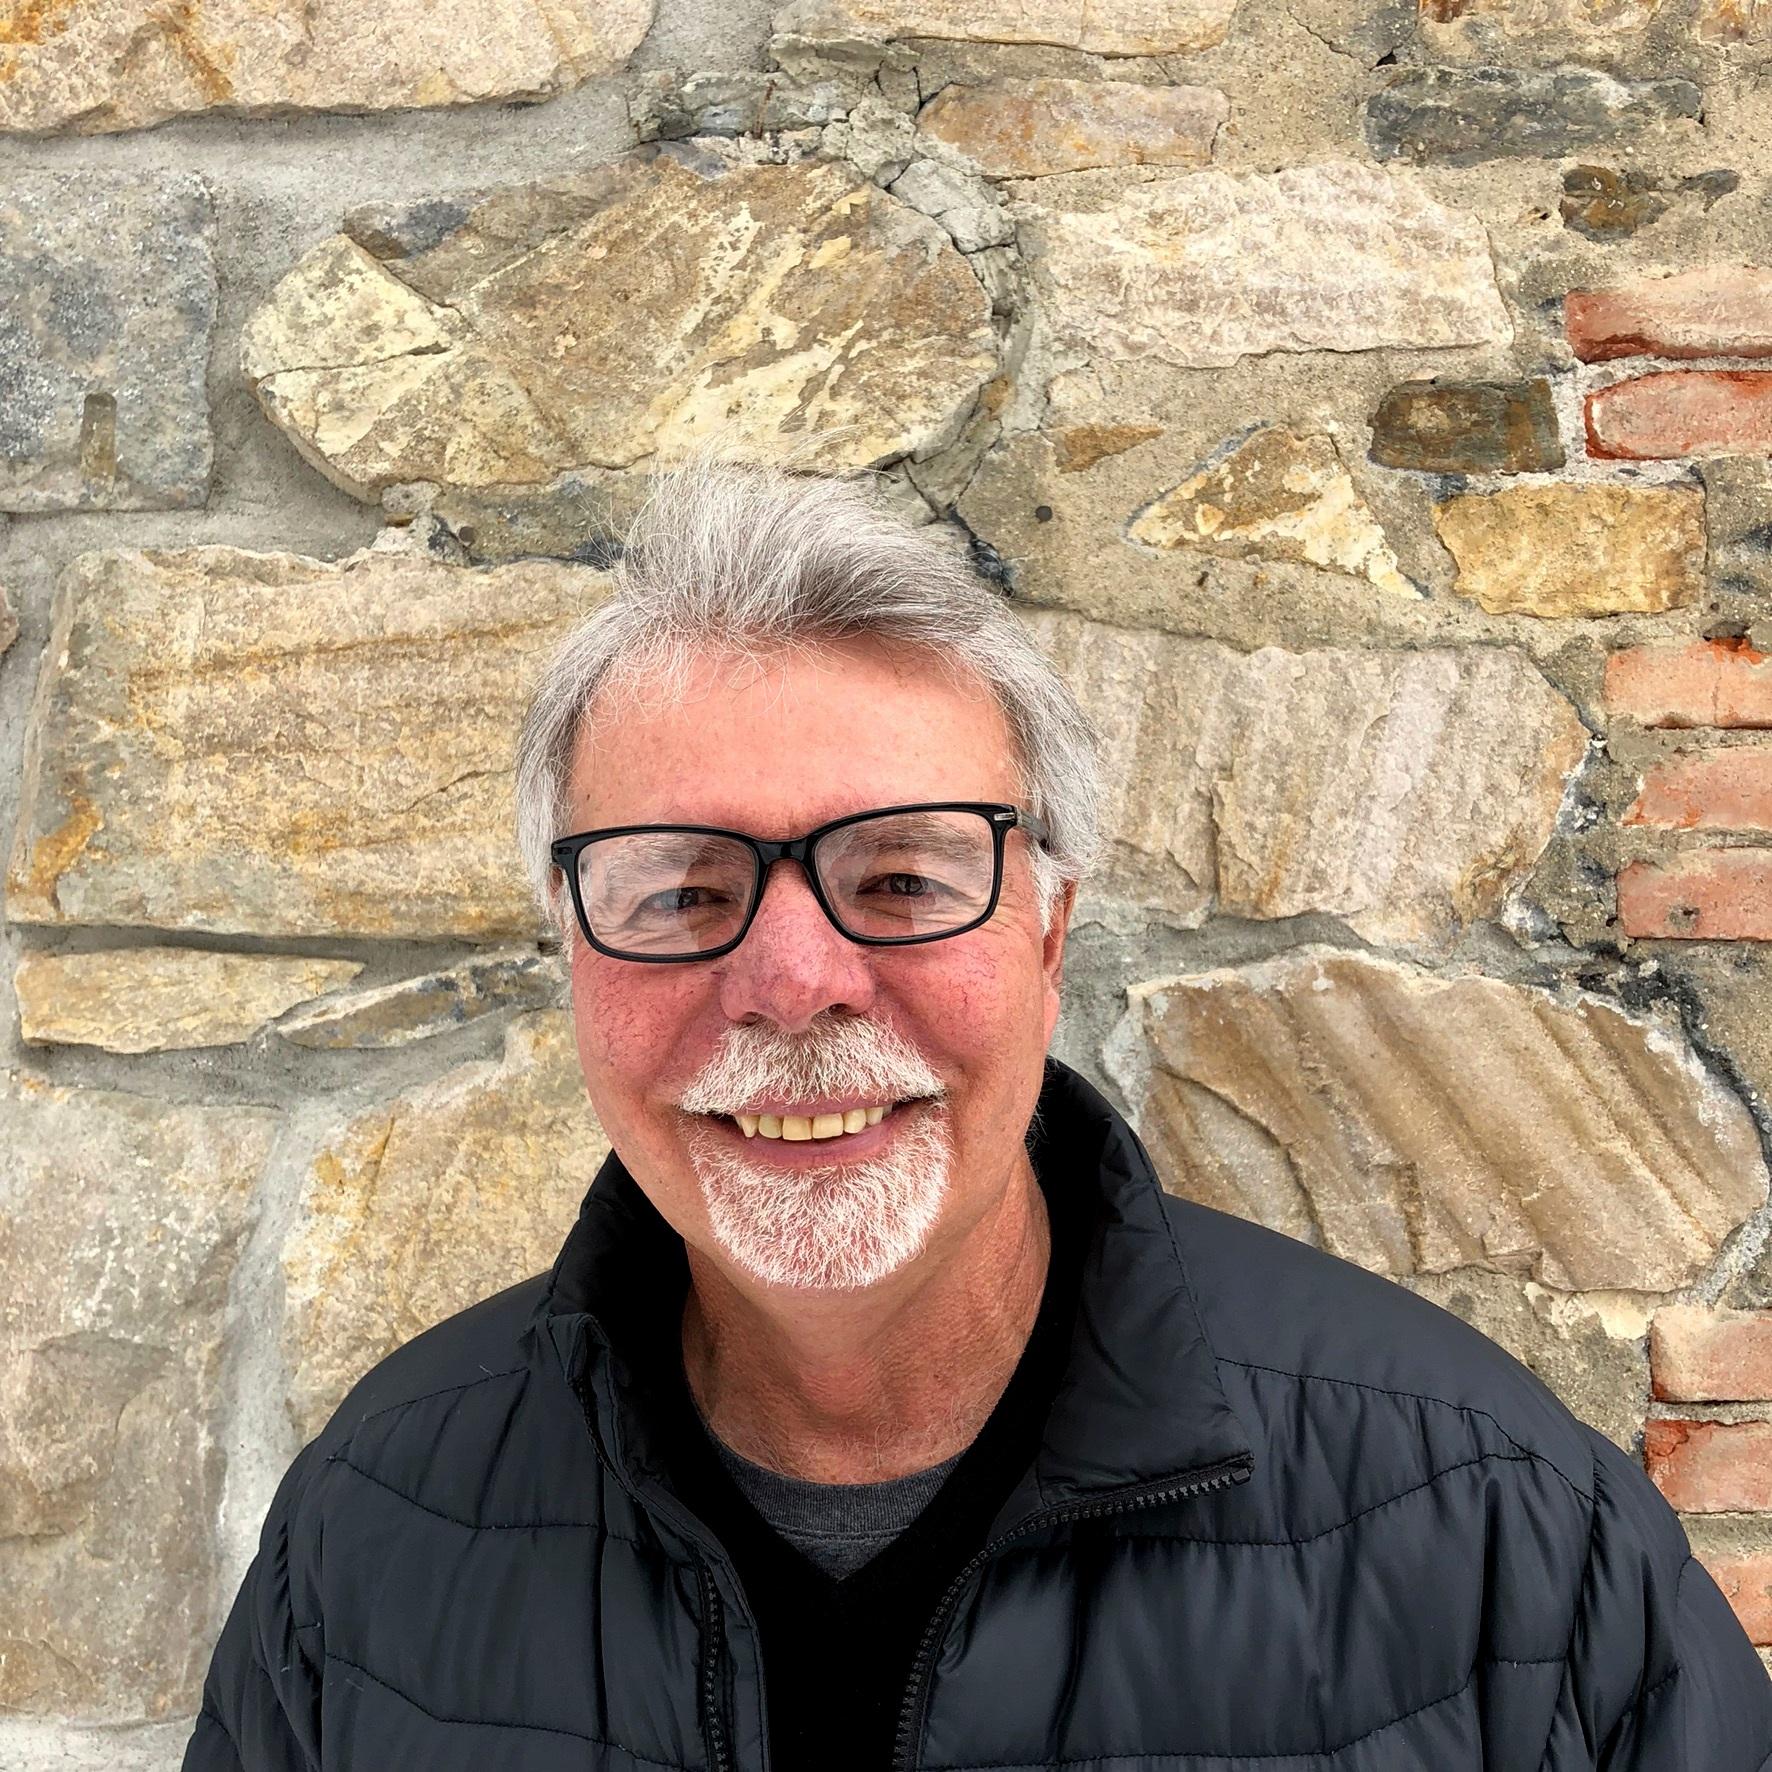 Bob Valach